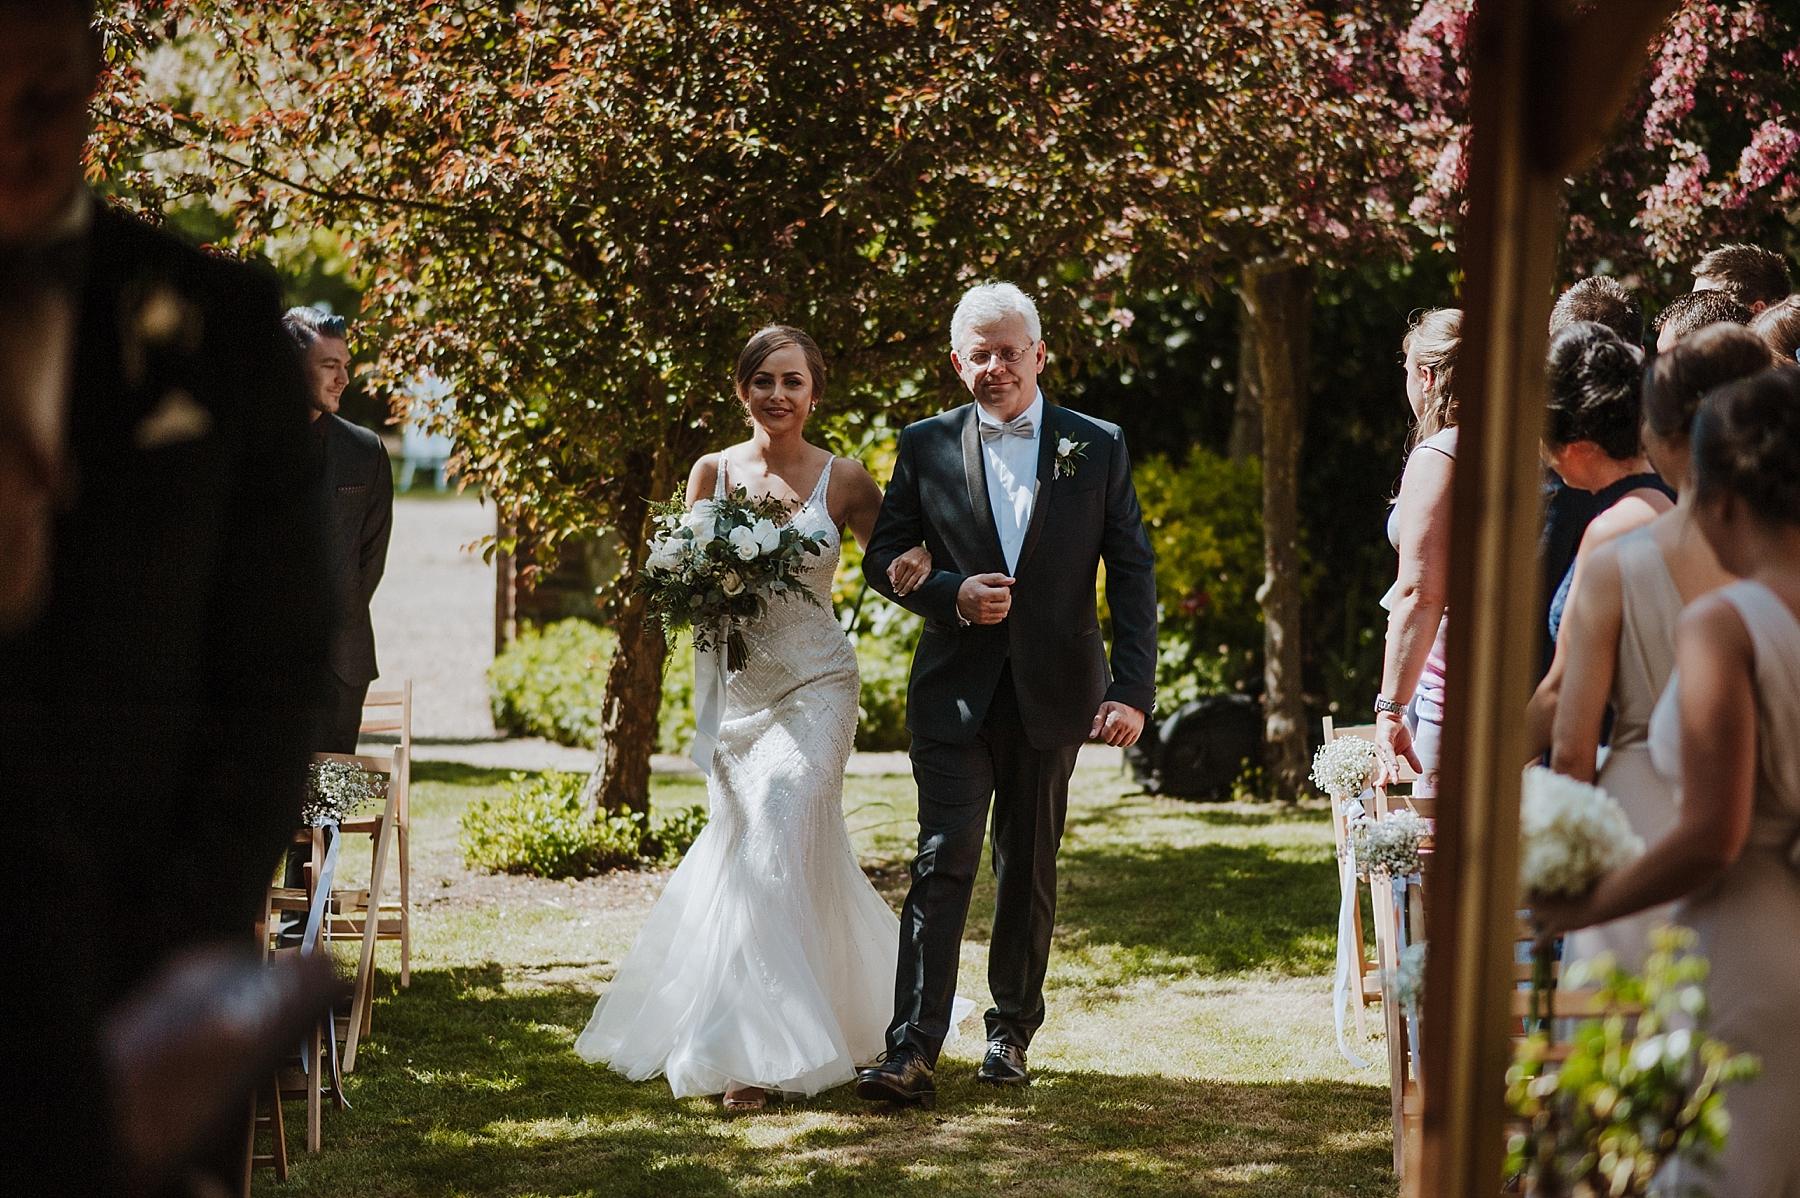 outdoor wedding venues in kent